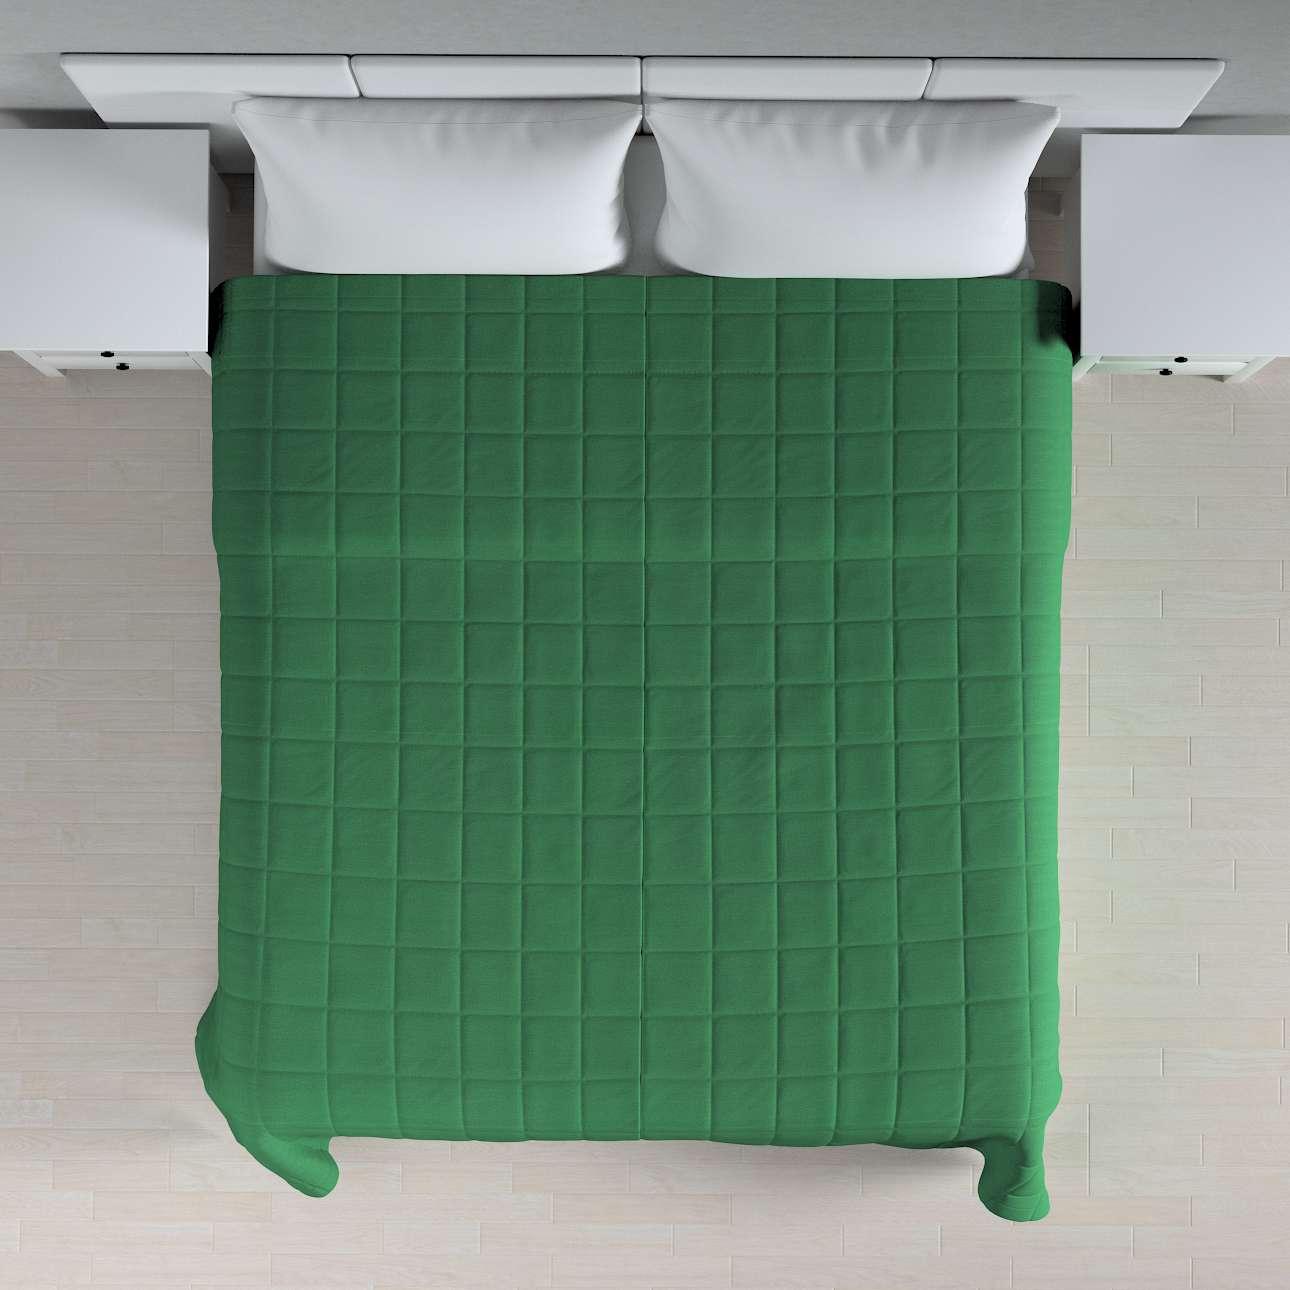 Prehoz prešívaný do štvorcov V kolekcii Loneta, tkanina: 133-18